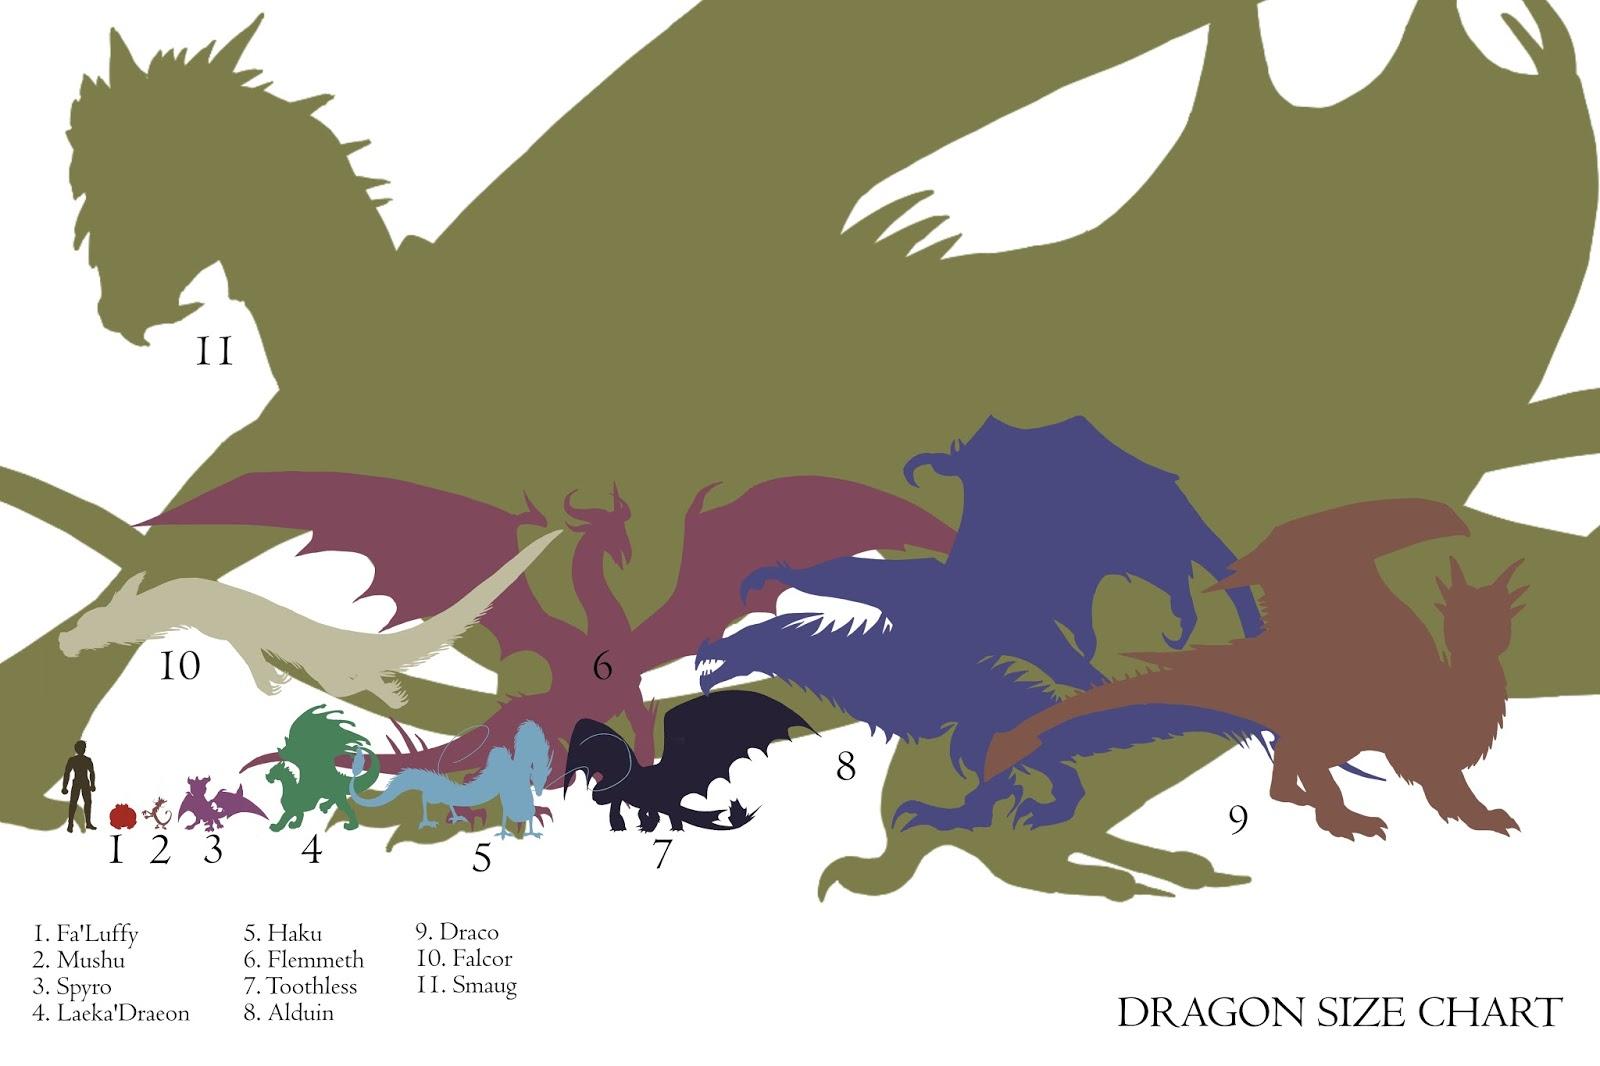 Dragon and Monster Size Comparison Charts | d20 Pub